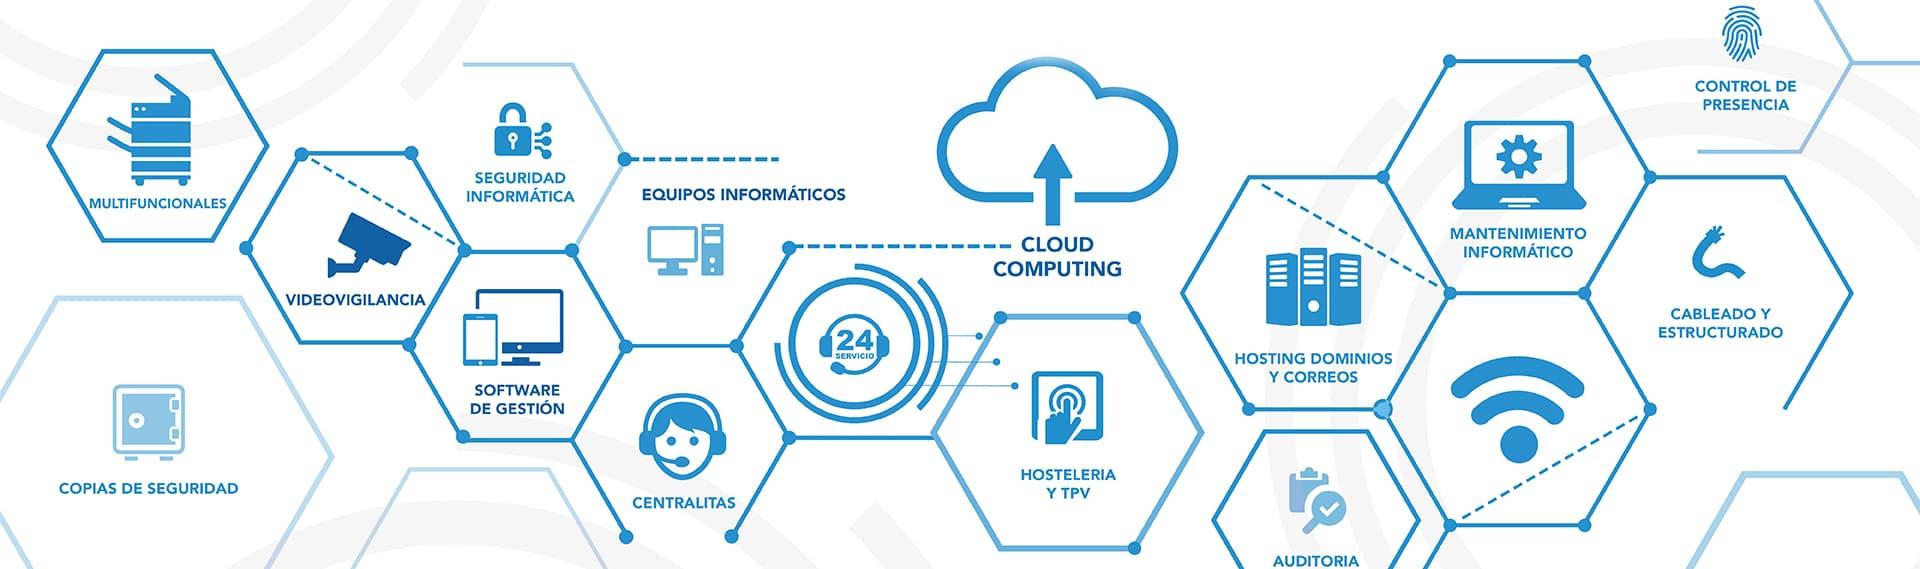 soluciones informaticas en sevilla de grupo inova